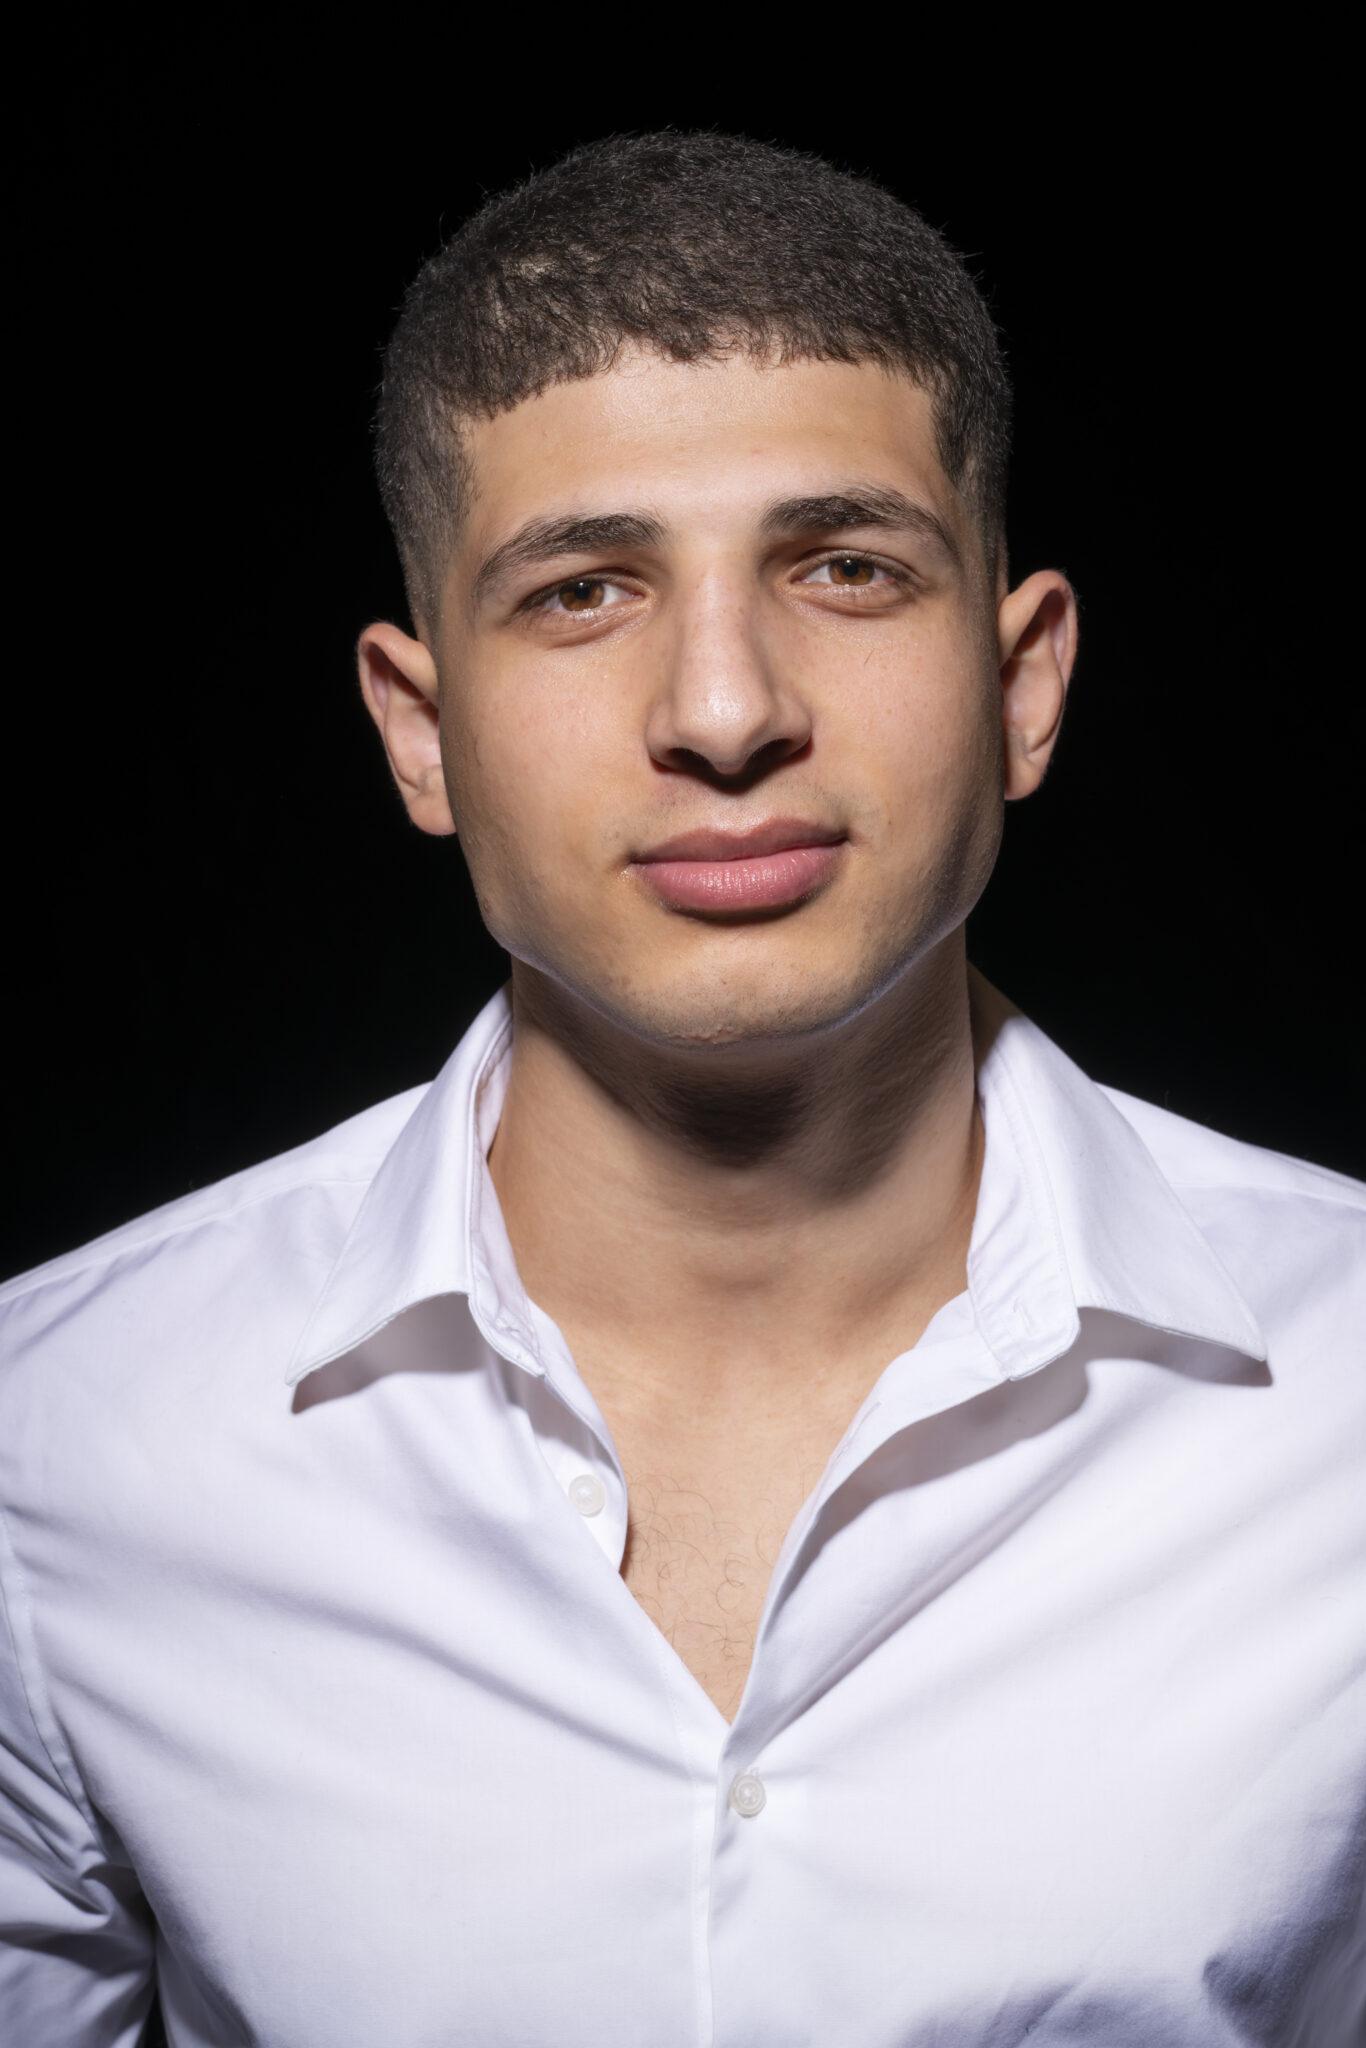 Mohamed Abd El Hafeez